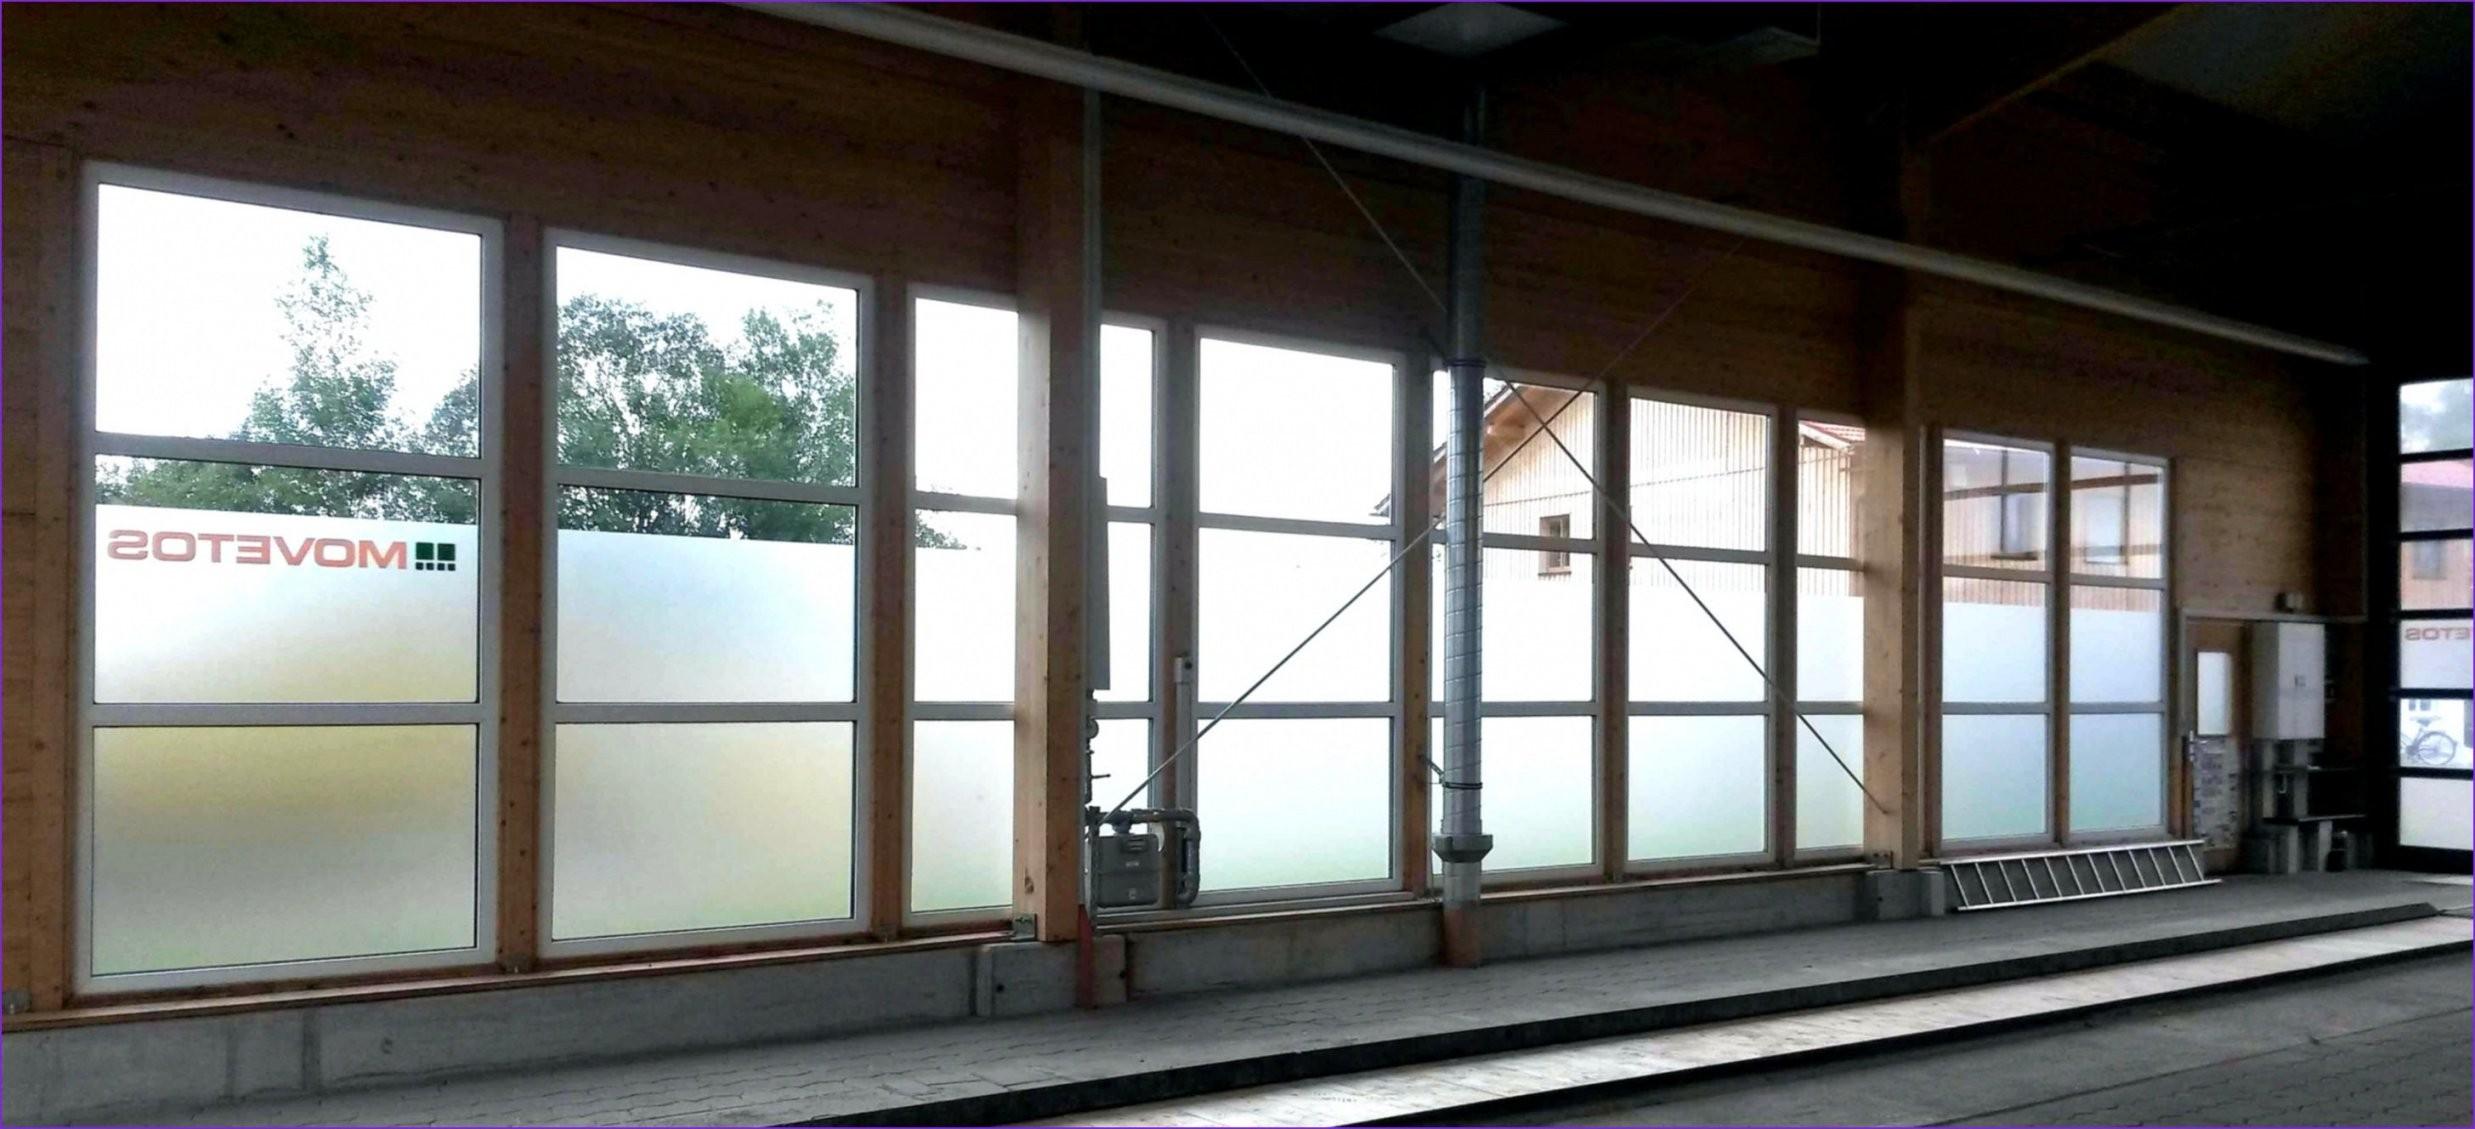 Fensterfolie Sichtschutz Einseitig  Fenster Mit Einbruchschutz von Fensterfolie Sichtschutz Nach Maß Photo